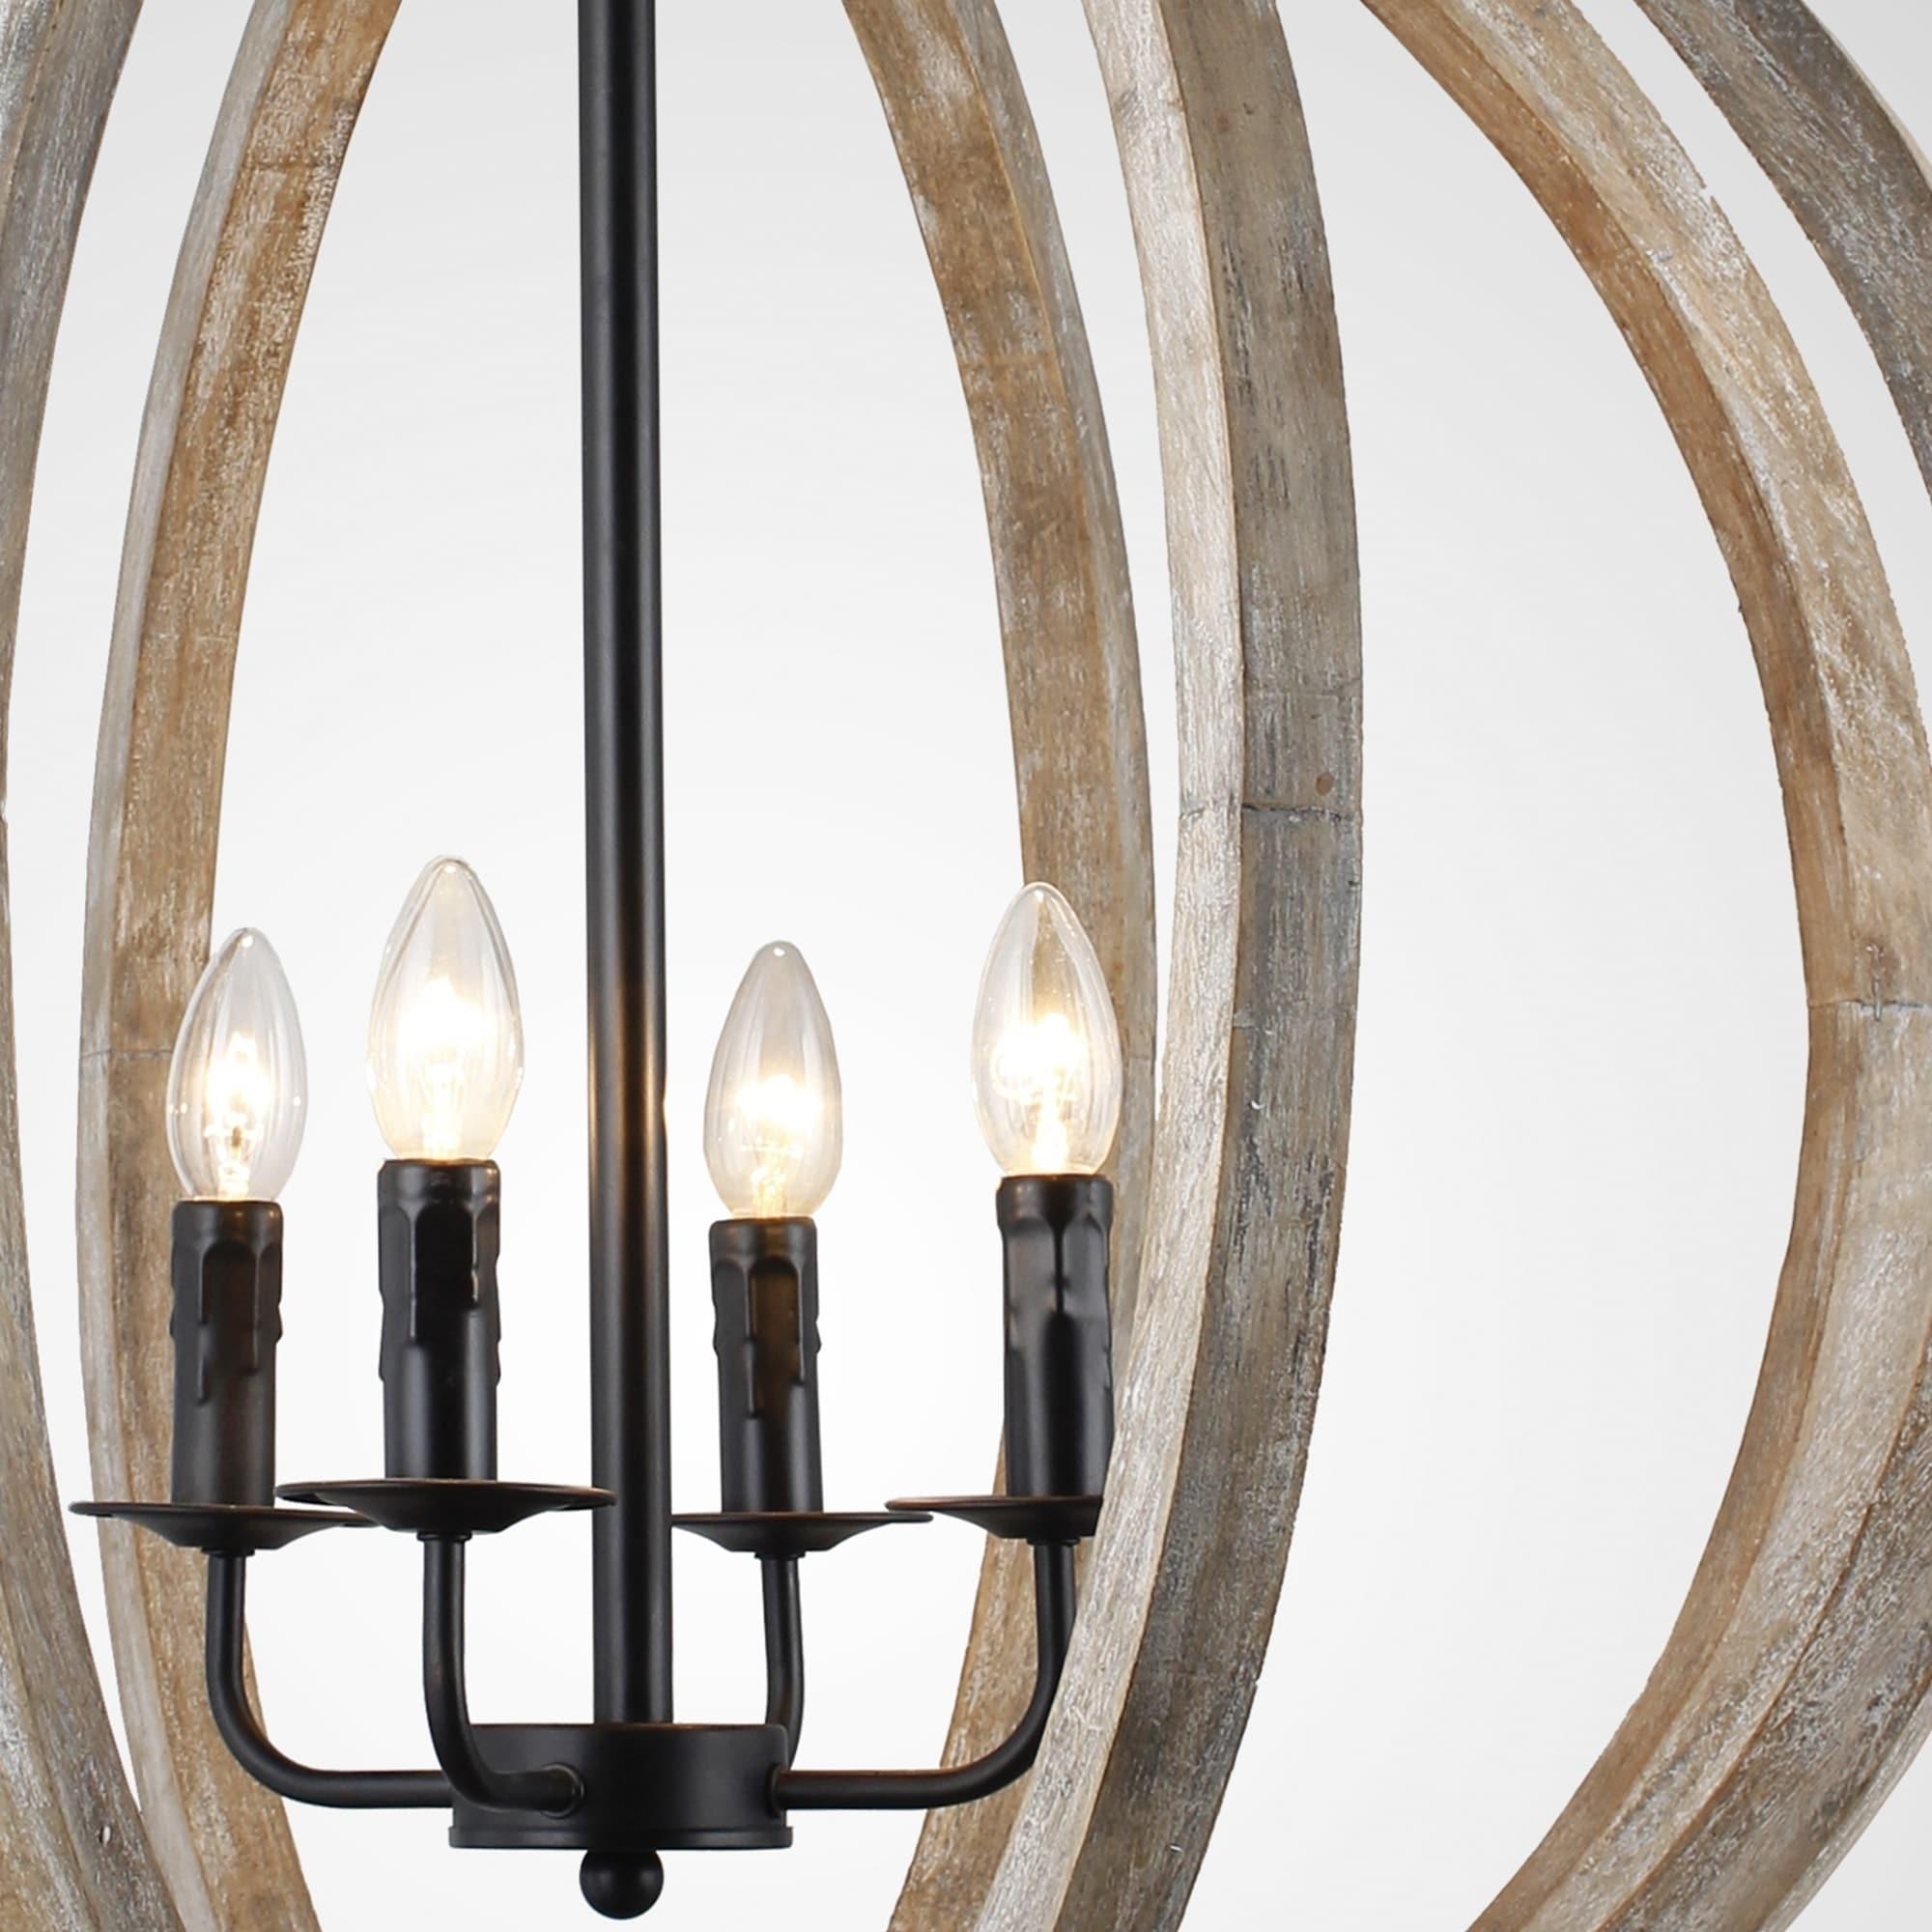 Y decor capoli 4 light wooden orb chandelier in neutral finish y decor capoli 4 light wooden orb chandelier in neutral finish free shipping today overstock 24777981 arubaitofo Gallery